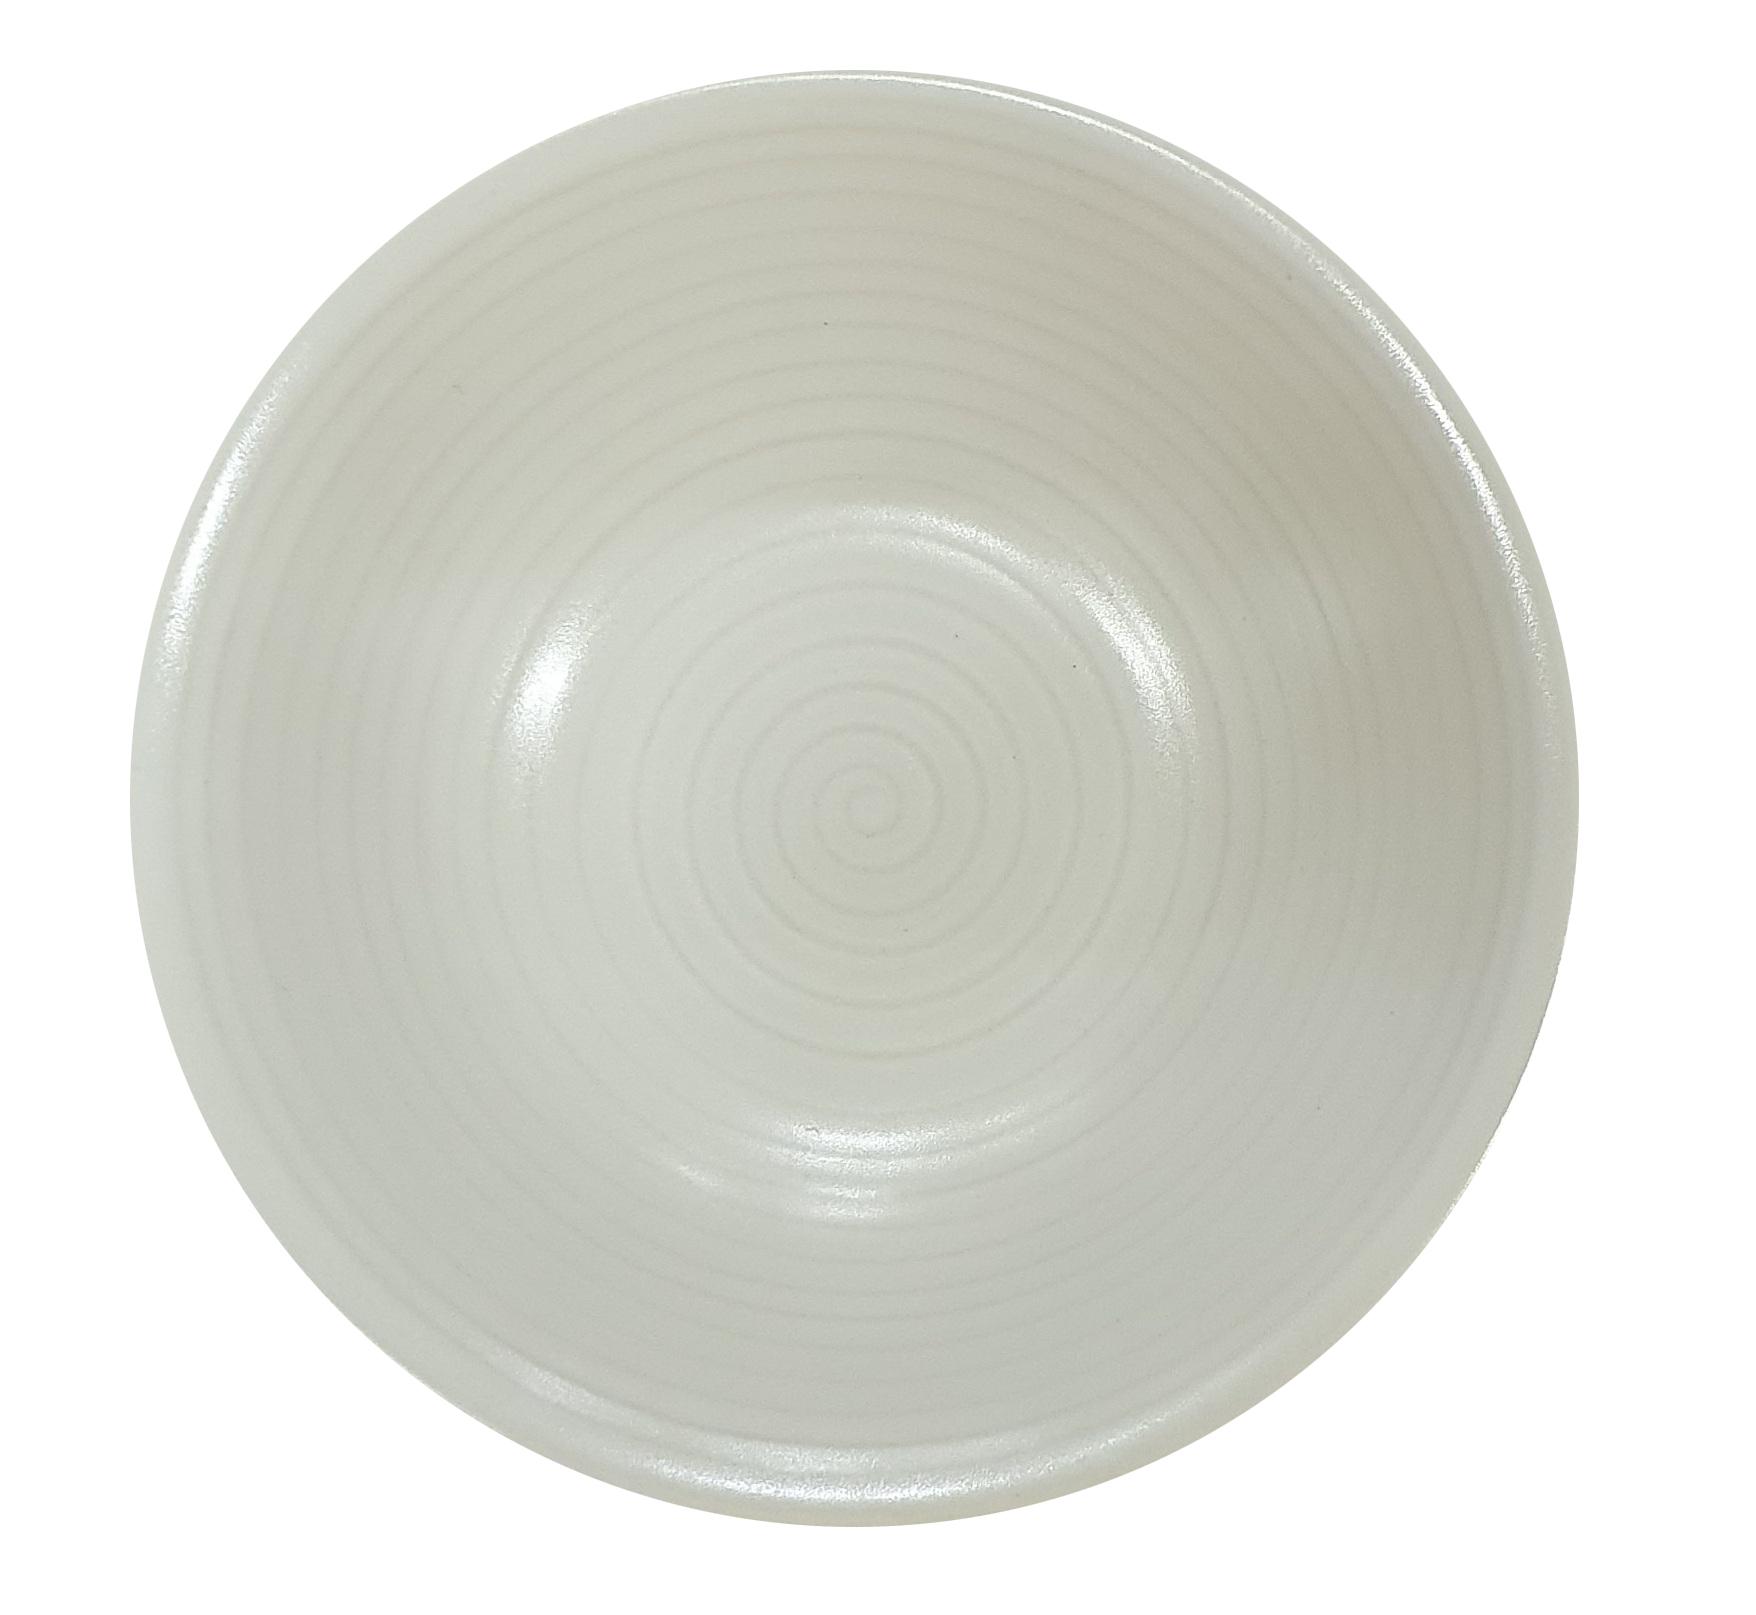 Oatmeal bowl 6½